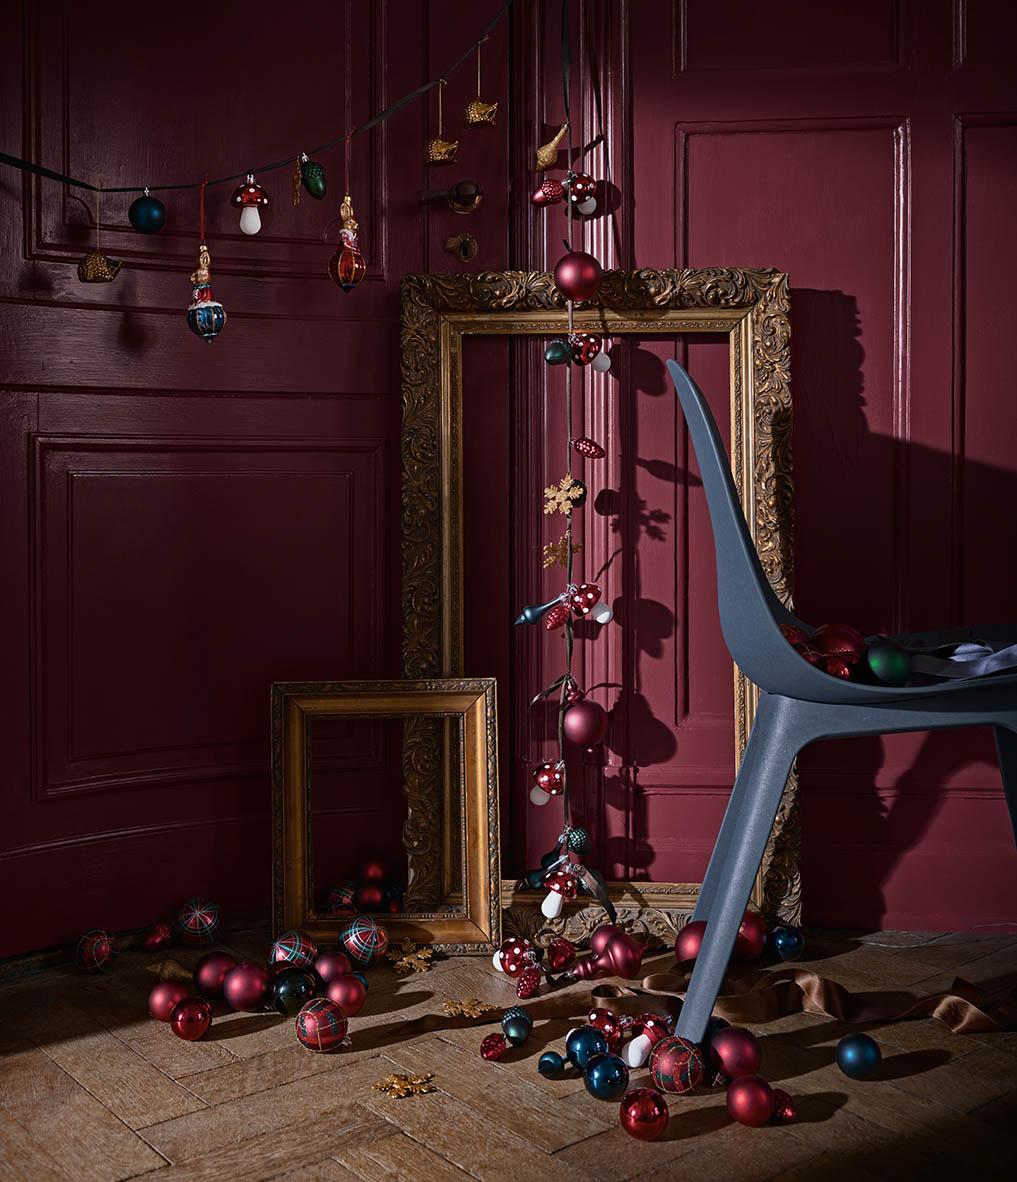 Ikea Xmas 2018 Cambia Il Solito Natale Con Proposte Originali